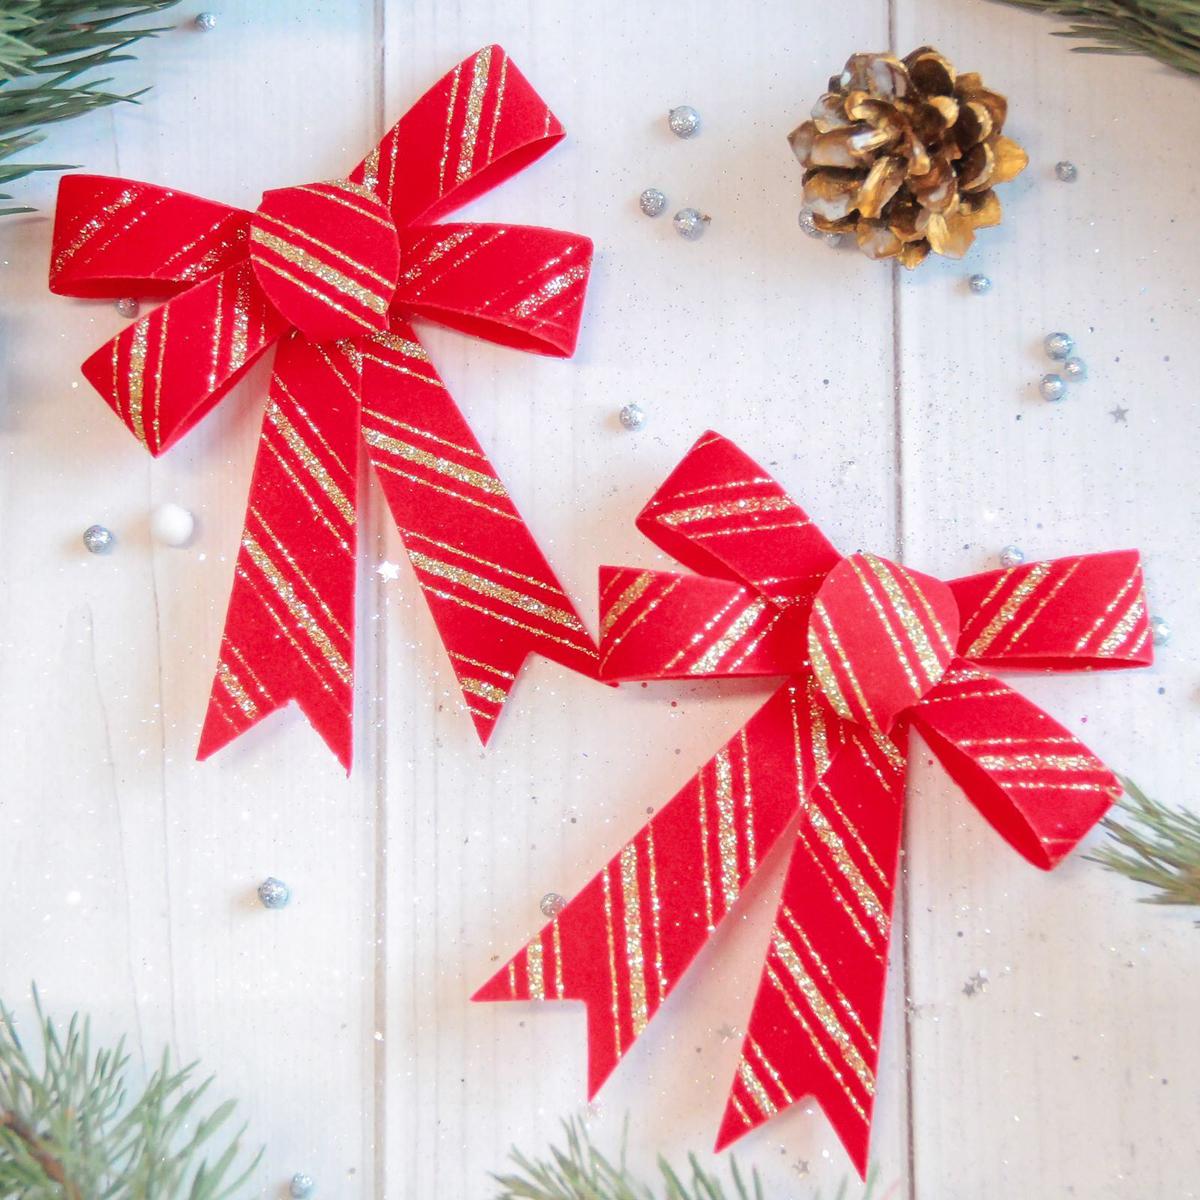 Набор новогодних подвесных украшений Sima-land Бант с золотыми полосками, 9 х 10 см, 3 шт2371266Набор новогодних подвесных украшений Sima-land отлично подойдет для декорации вашего дома и новогодней ели. Новогодние украшения можно повесить в любом понравившемся вам месте. Но, конечно, удачнее всего они будет смотреться на праздничной елке.Елочная игрушка - символ Нового года. Она несет в себе волшебство и красоту праздника. Такое украшение создаст в вашем доме атмосферу праздника, веселья и радости.